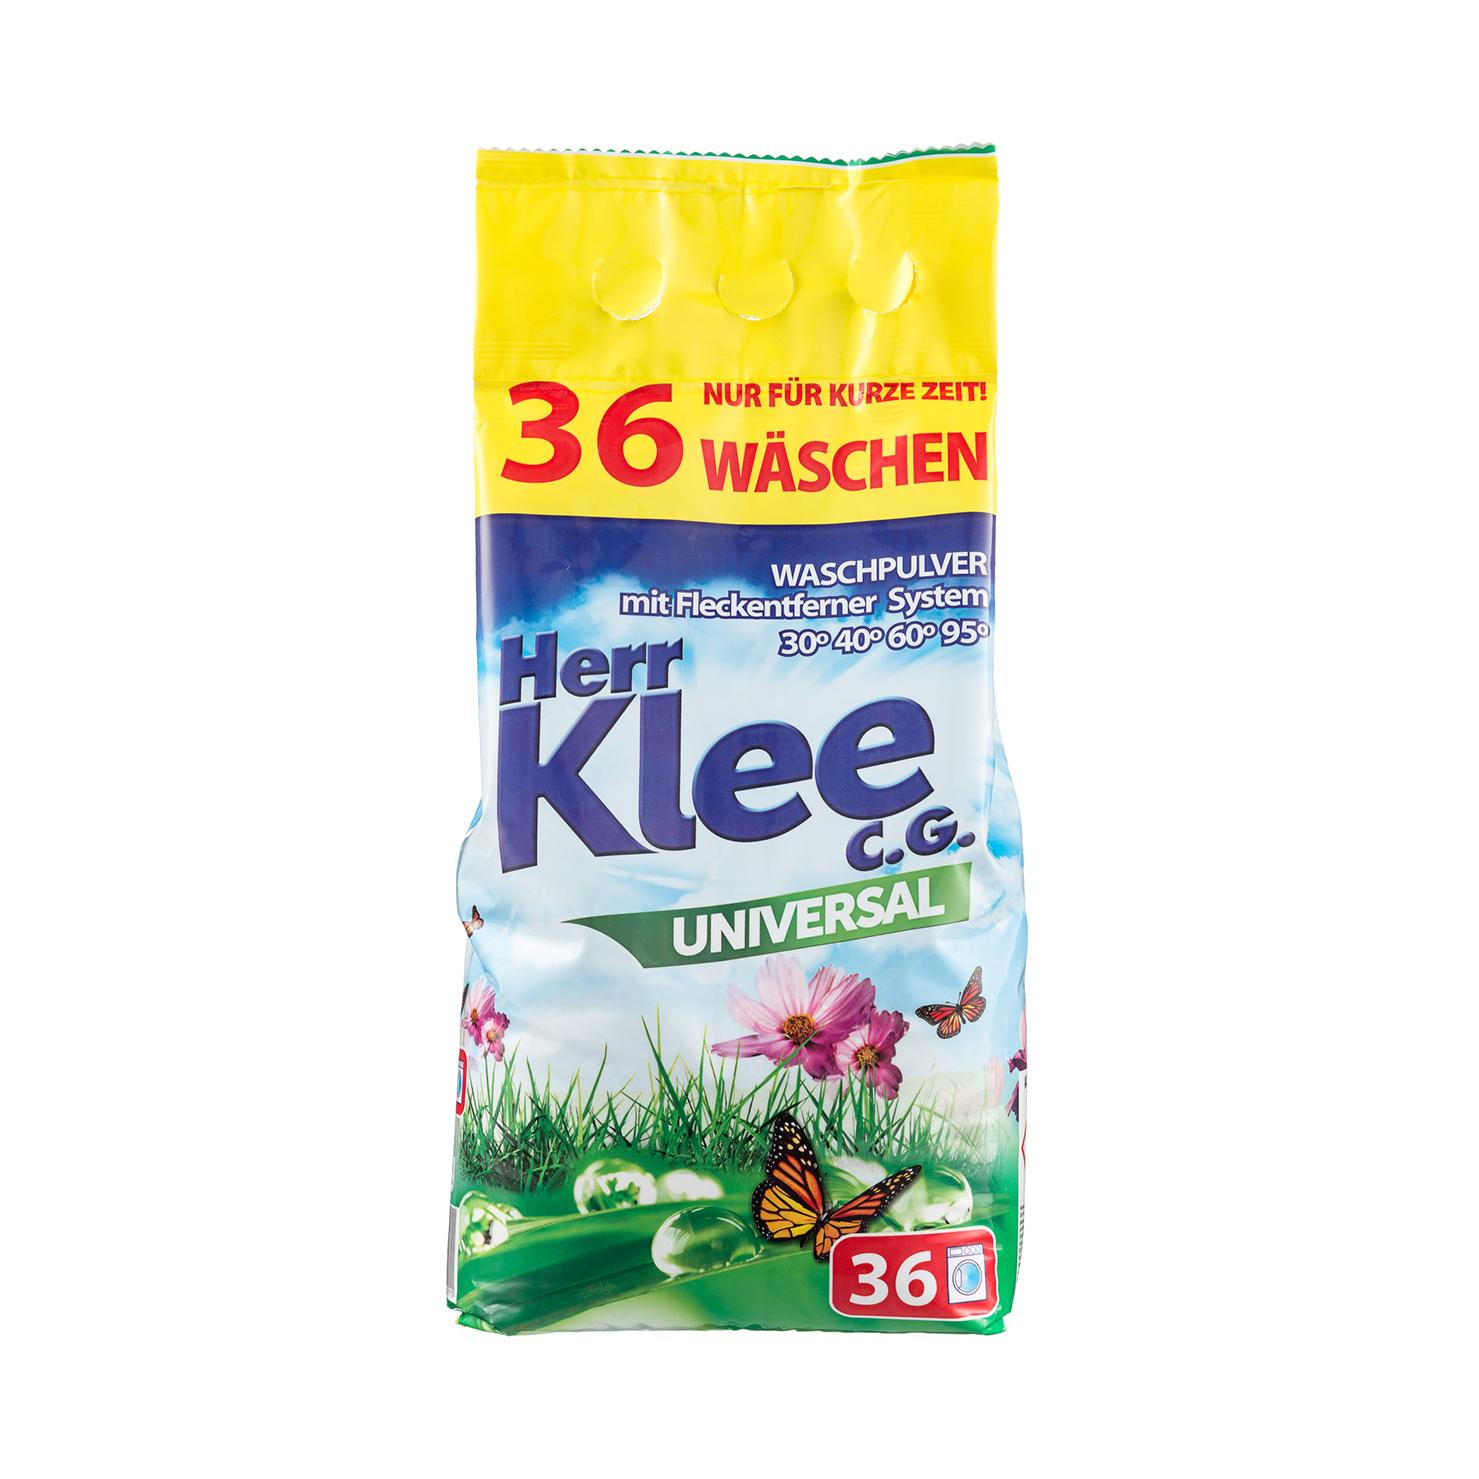 michael herr dispatches Стиральный порошок Herr Klee Universal универсальный 3 кг